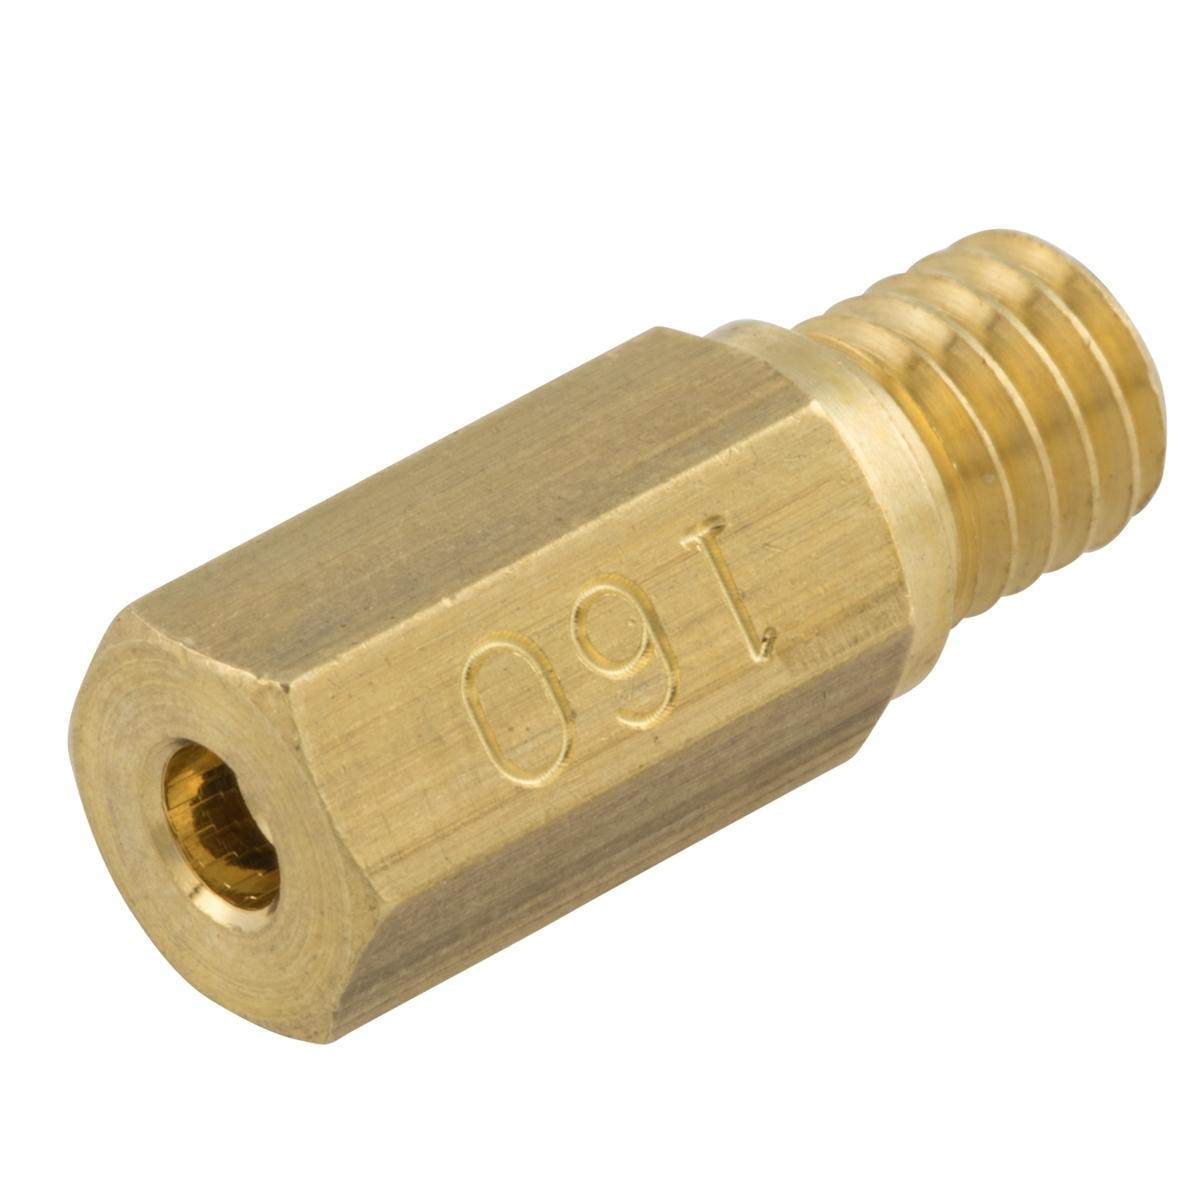 「ノズル KMT 125 Ø 6 mmTitle」の製品画像